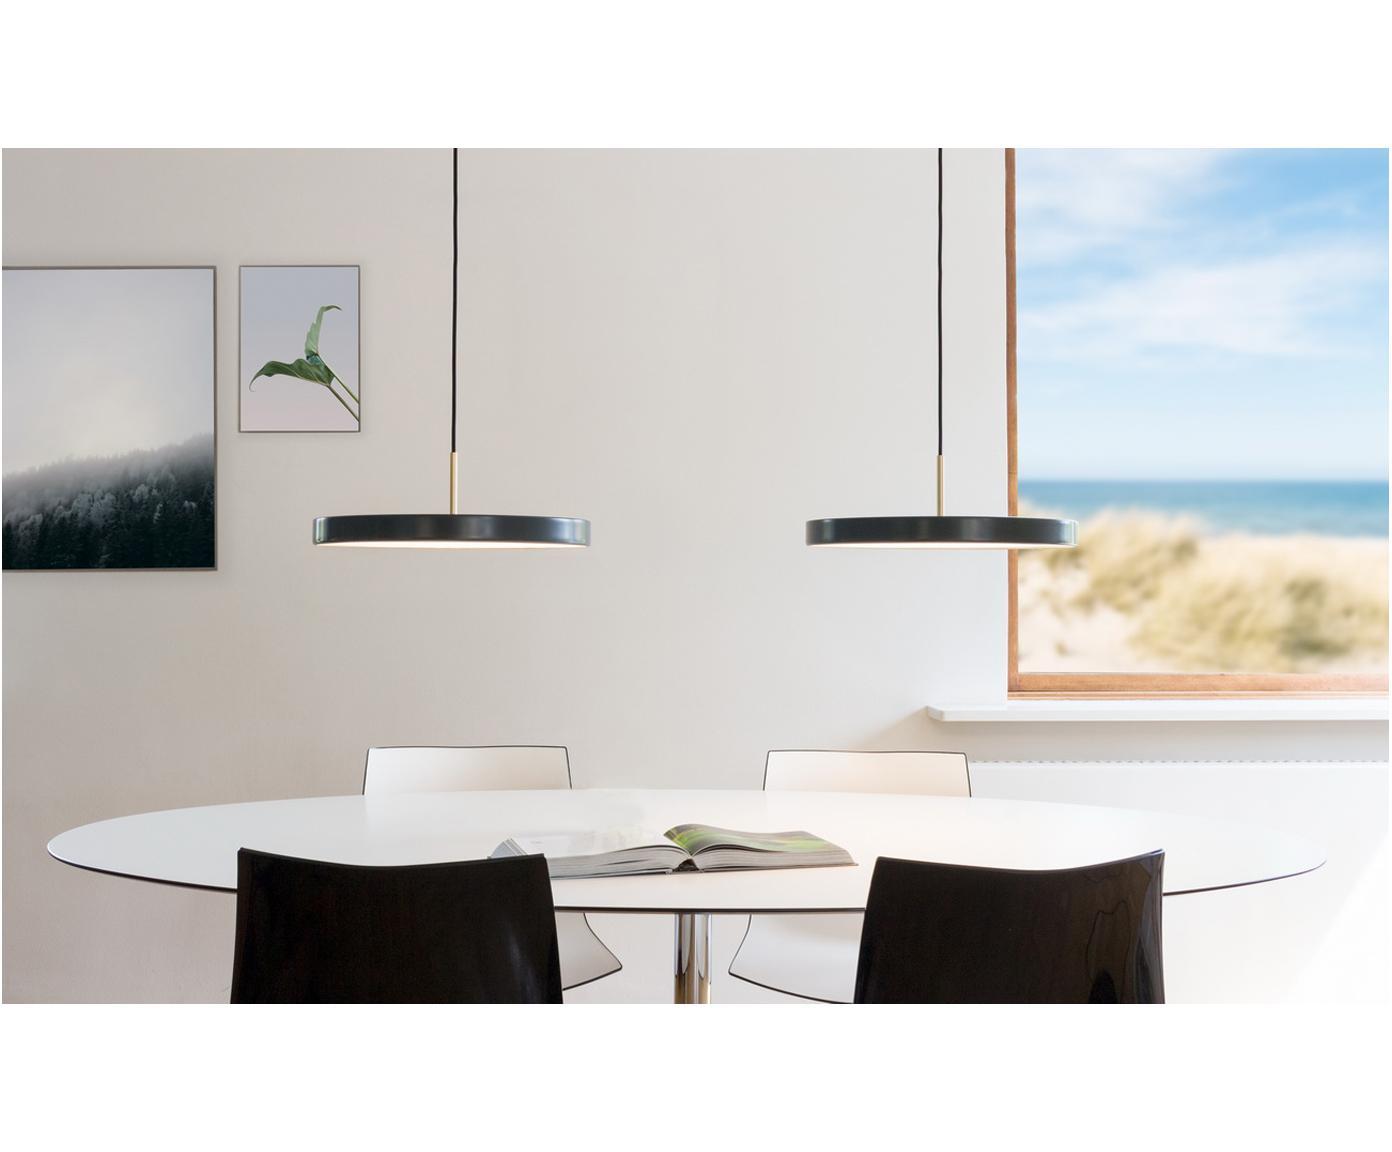 Lampa wisząca LED  Asteria, Antracytowy, Ø 43 x W 15 cm